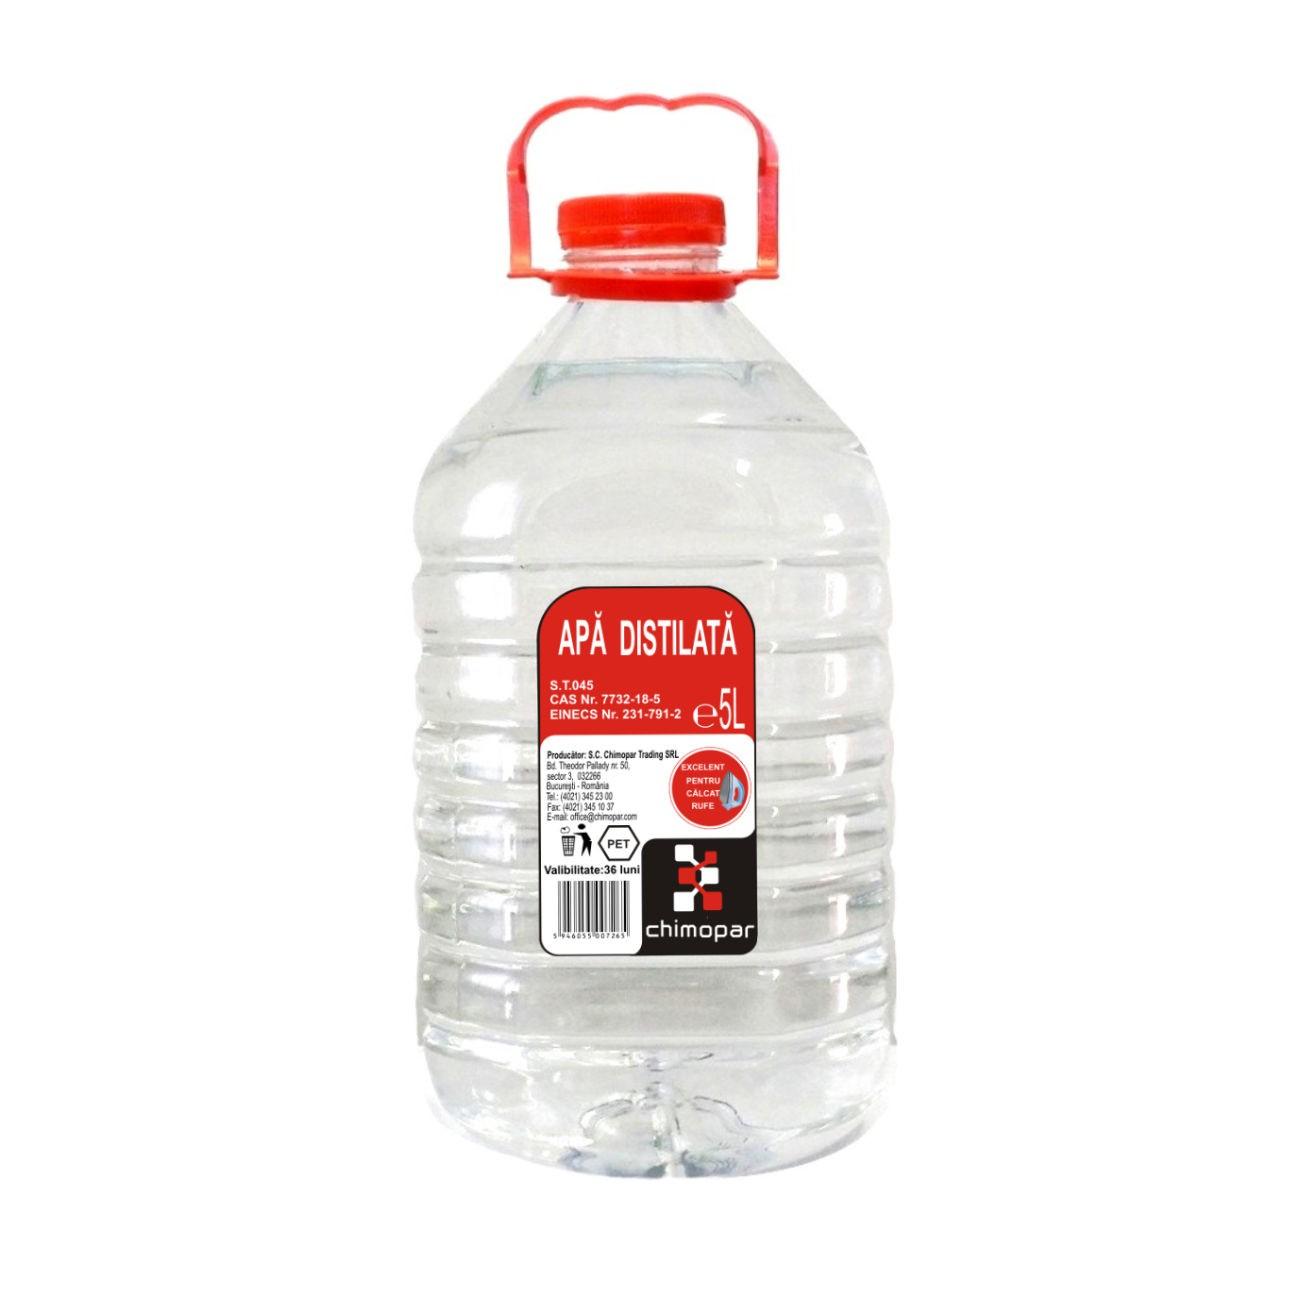 apă distilată și vedere medicament de recuperare a vederii